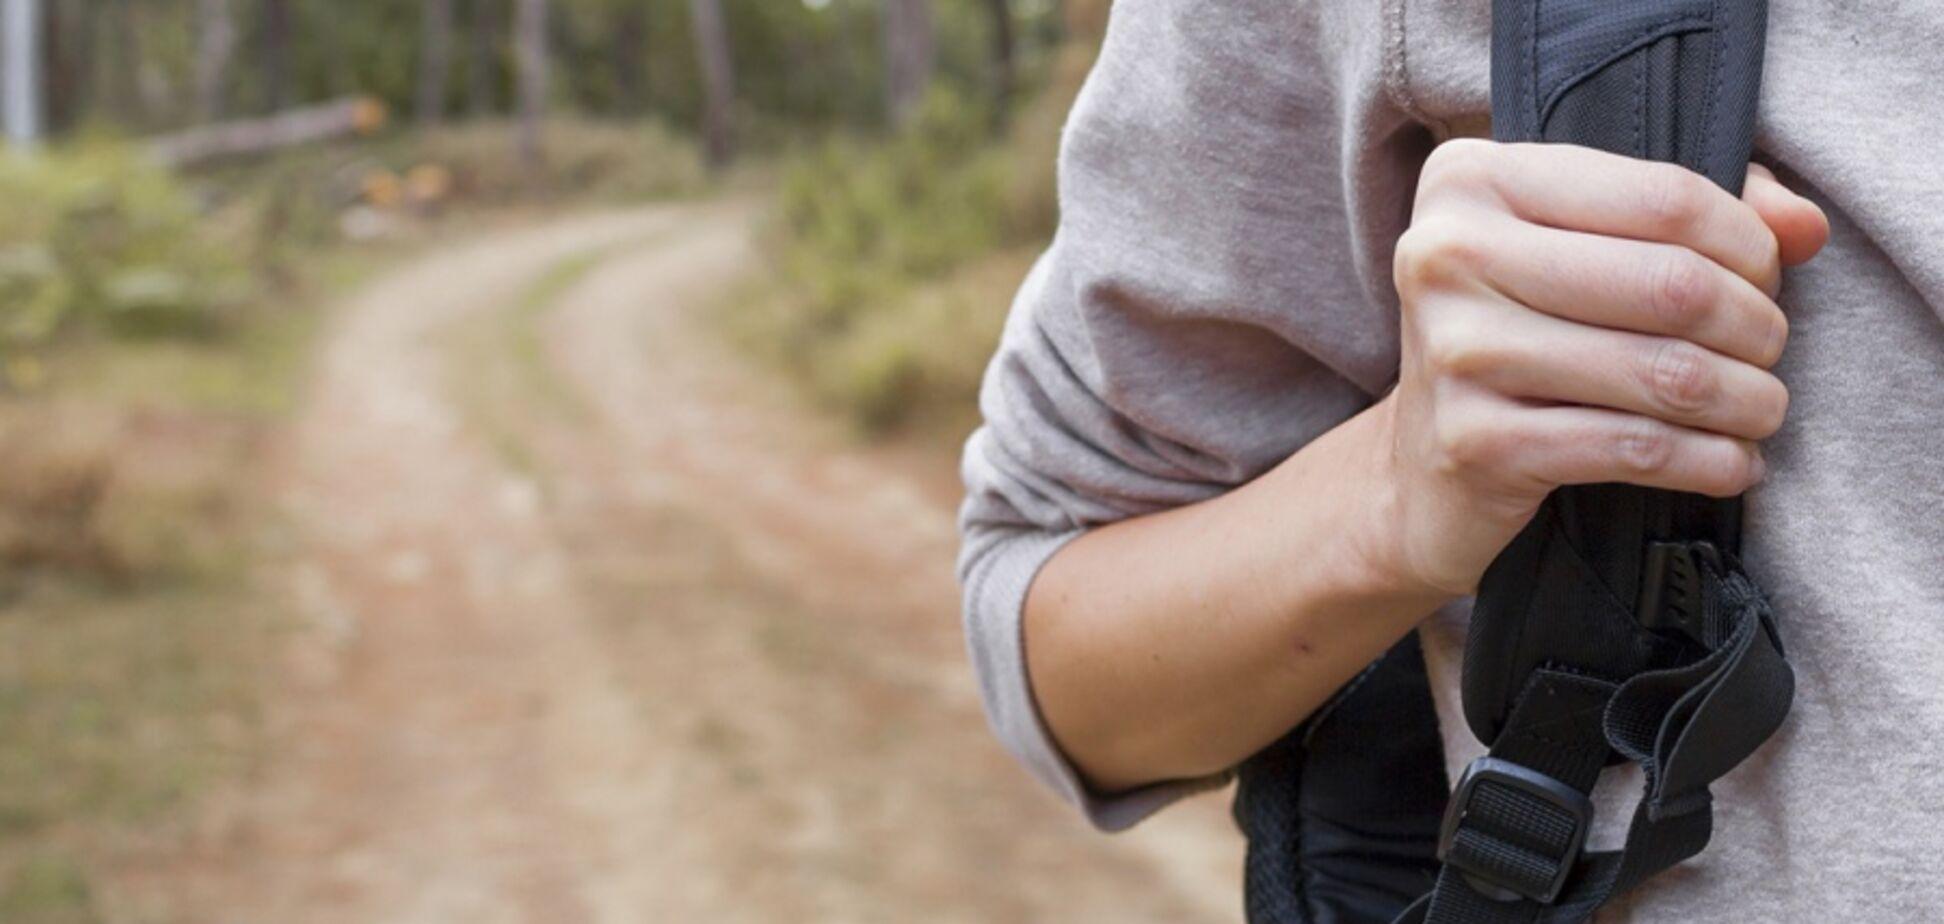 На Дніпропетровщині розшукують зниклого безвісти підлітка: фото і прикмети